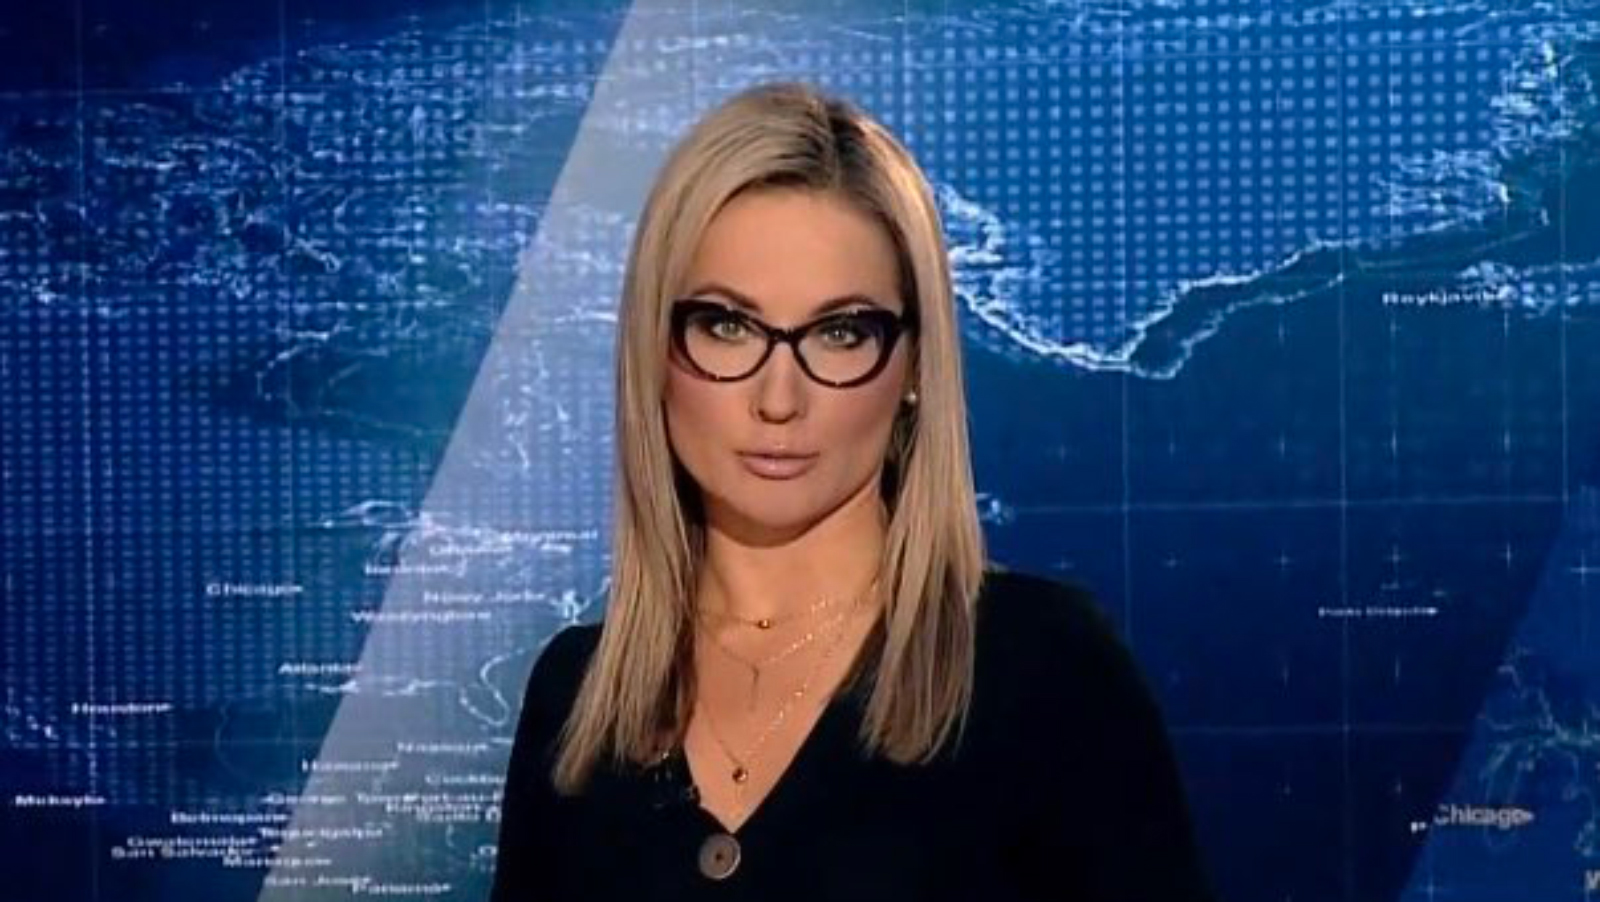 PKN Orlen z nową dyrektor ds. komunikacji korporacyjnej awans mediarun Zuzanna Falzmann pkn orlen 2020